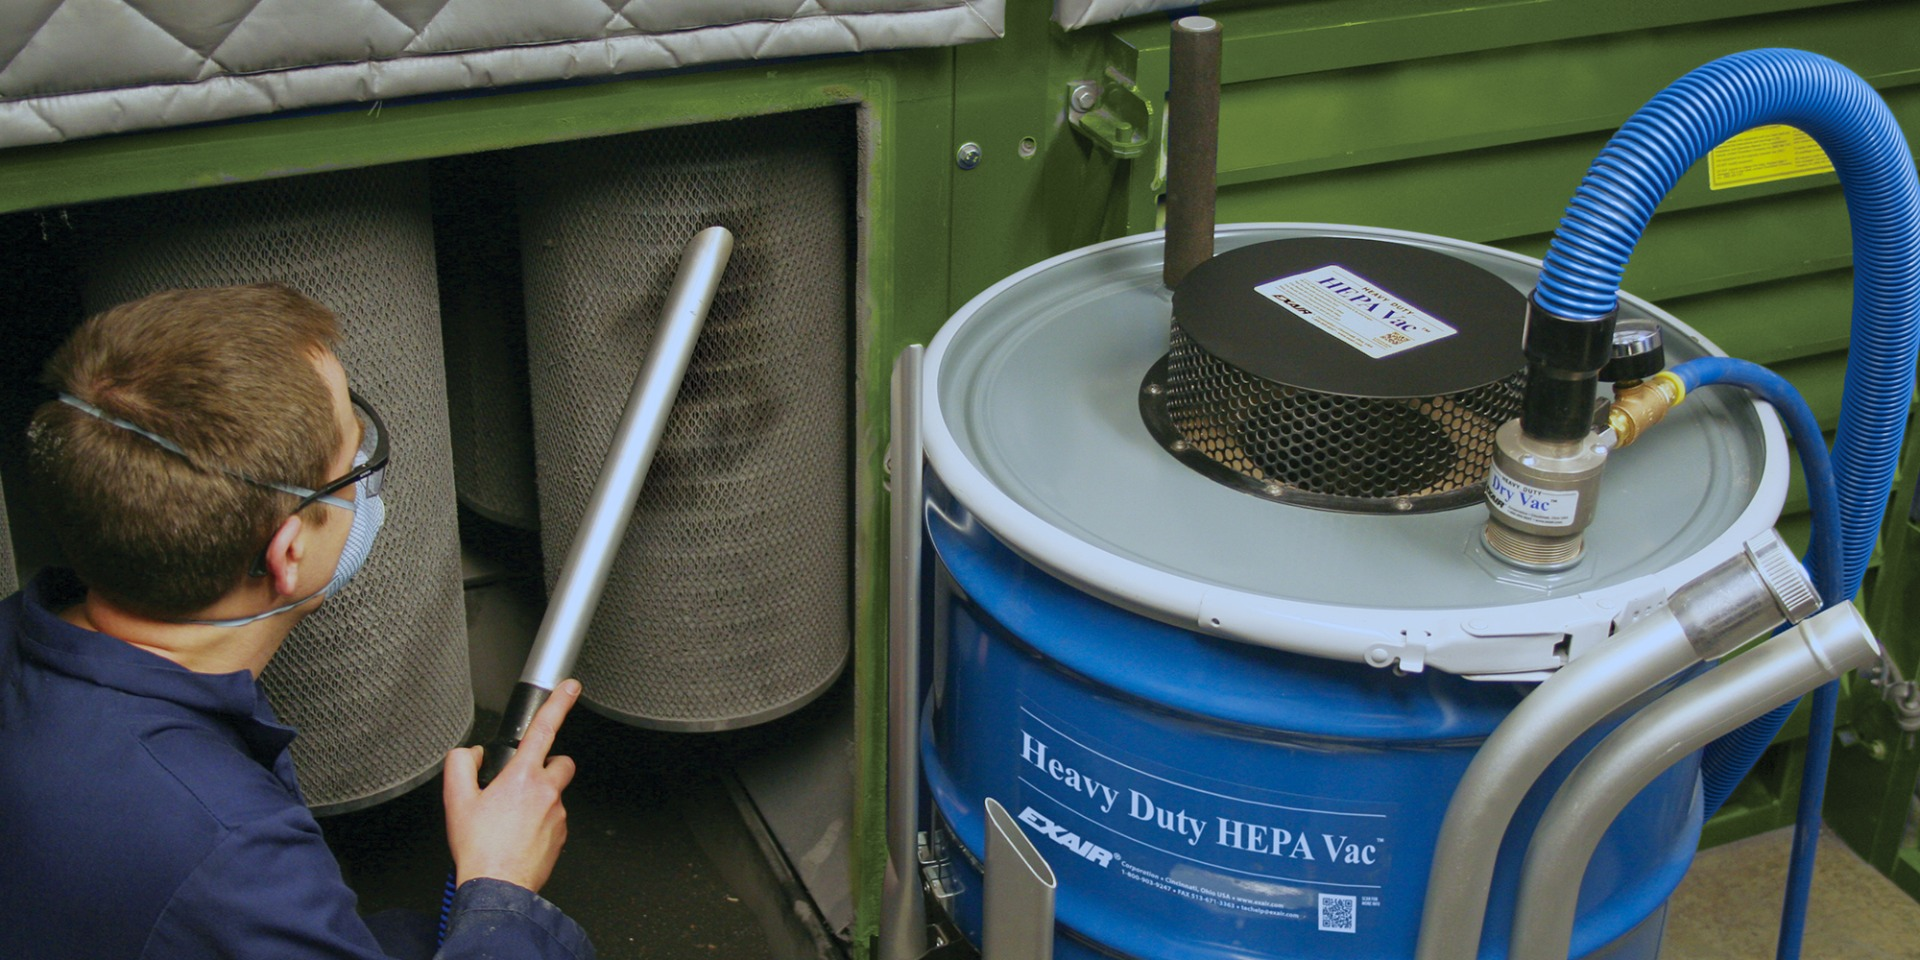 Heavy Duty HEPA Vac